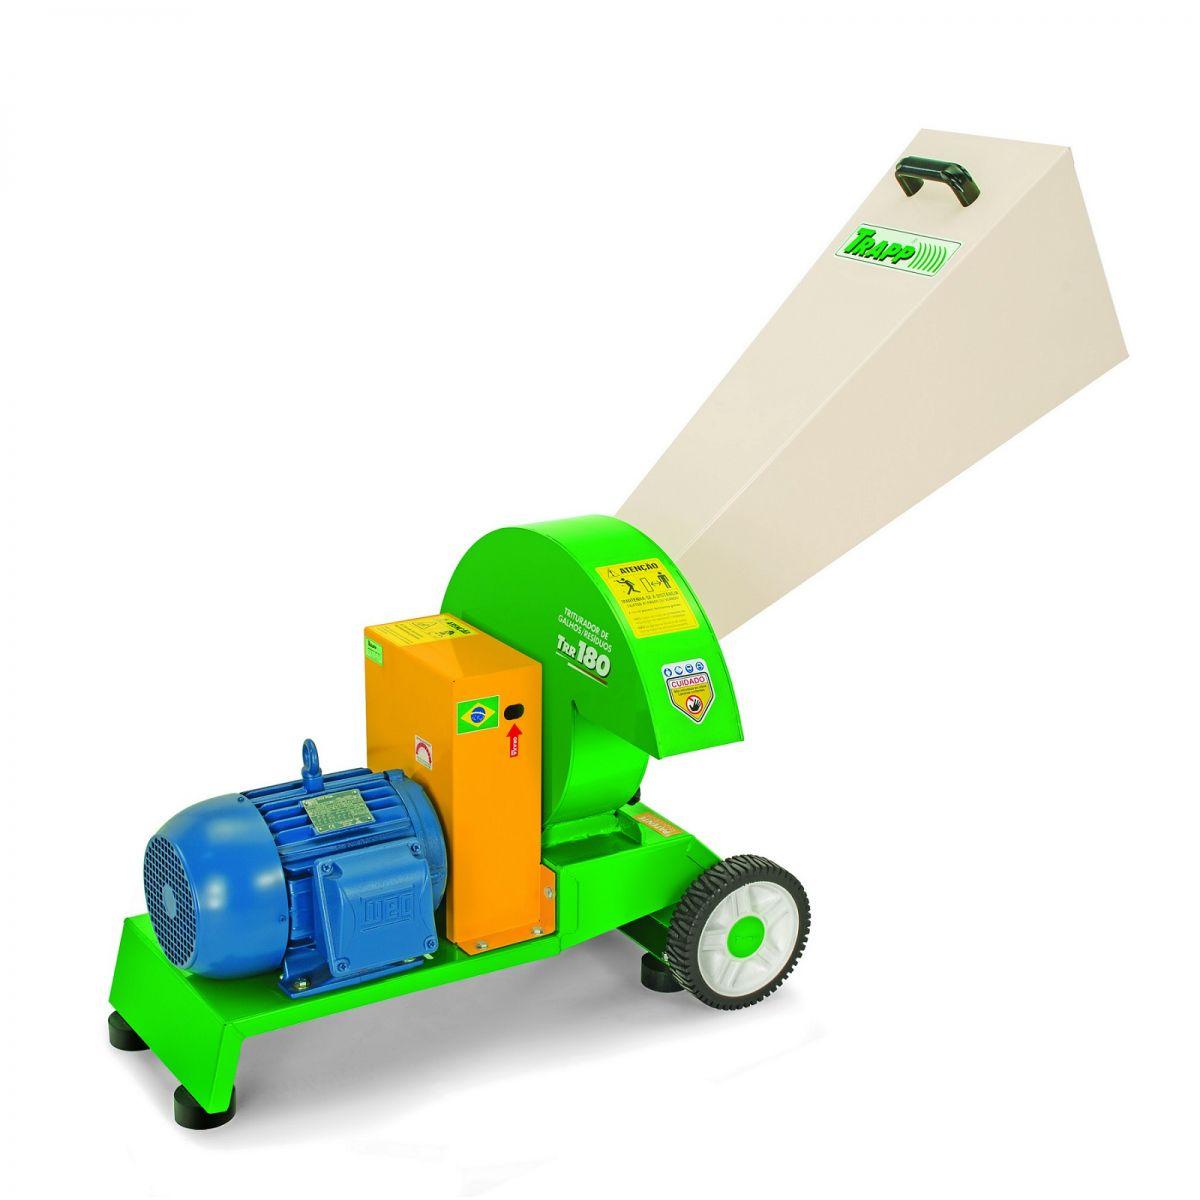 Triturador de Galhos e Resíduos TRR 180 220/380V Trif - Trapp